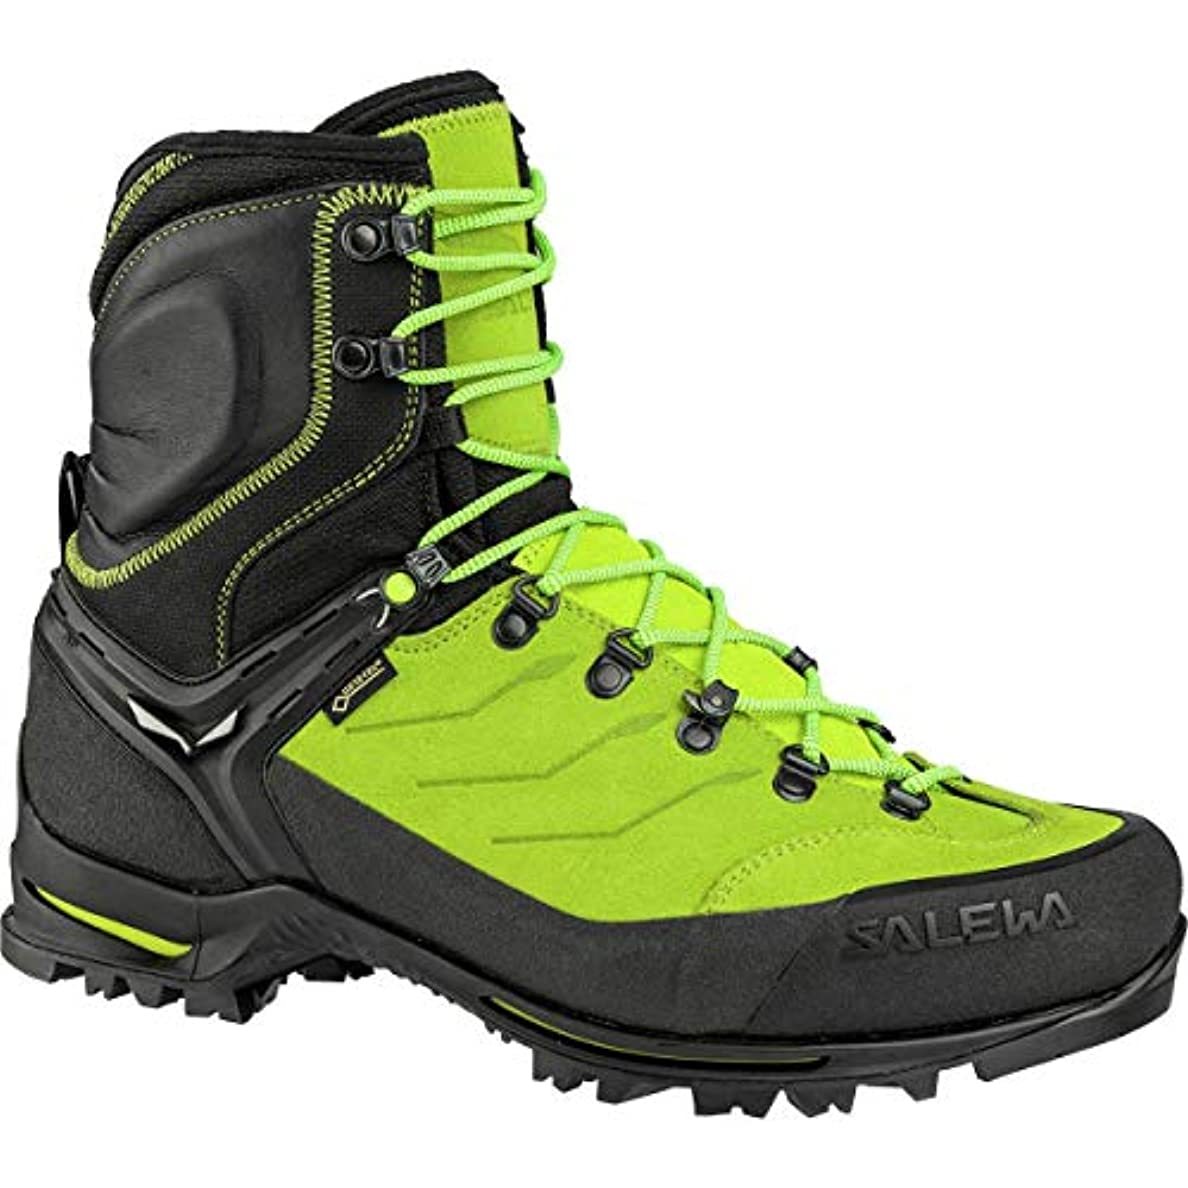 判読できない滞在四回[サレワ] メンズ ハイキング Vultur Evo GTX Mountaineering Boot - Men [並行輸入品]